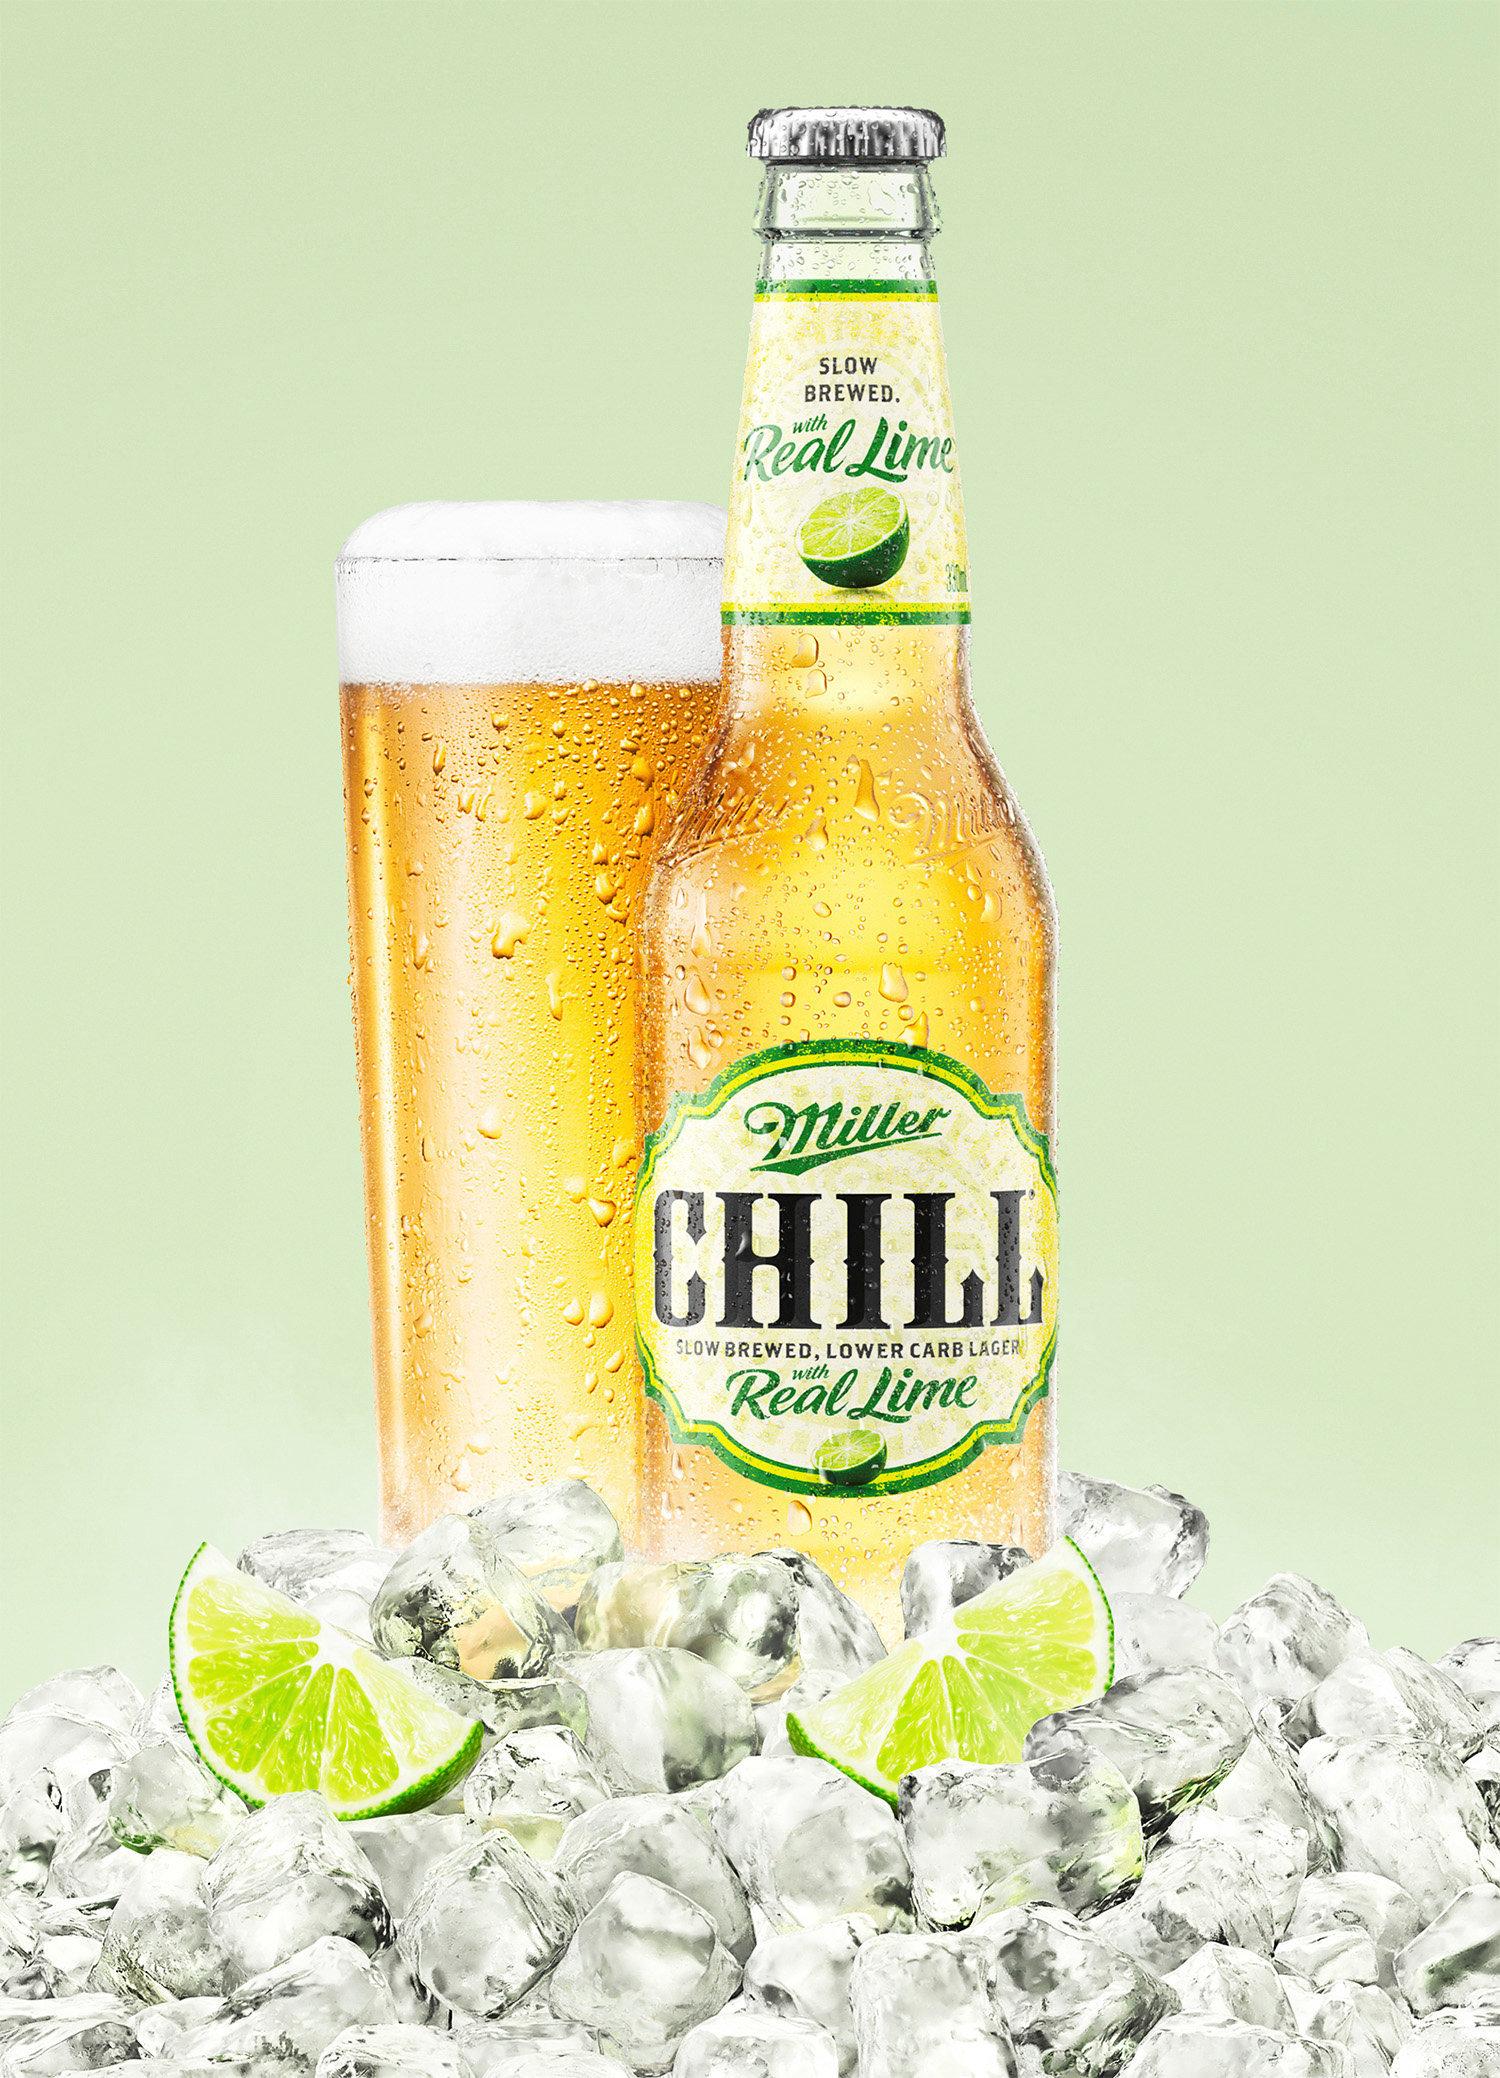 Miller_Chille_IcyIsland_01_crop.jpg